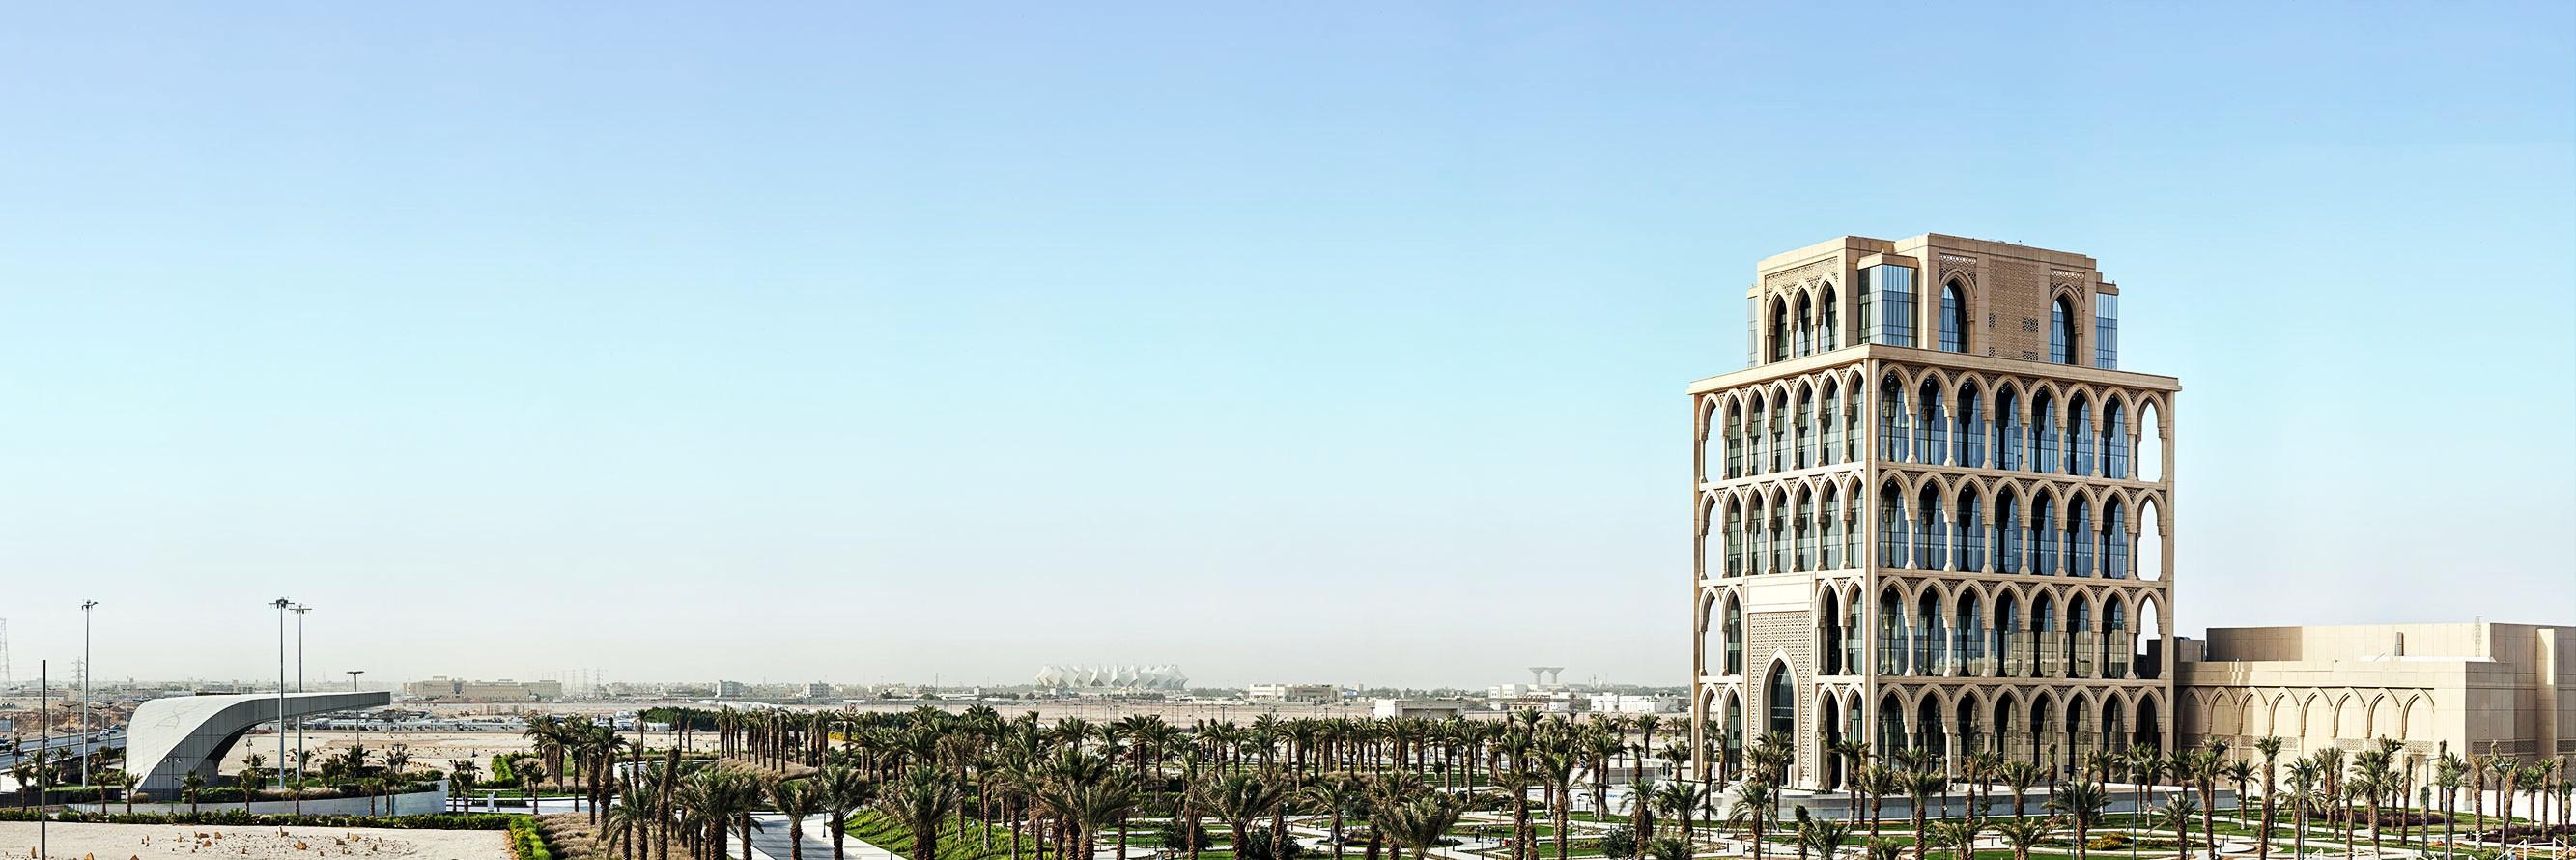 جامعة الملك سعود بن عبد العزيز للعلوم الصحية Linkedin